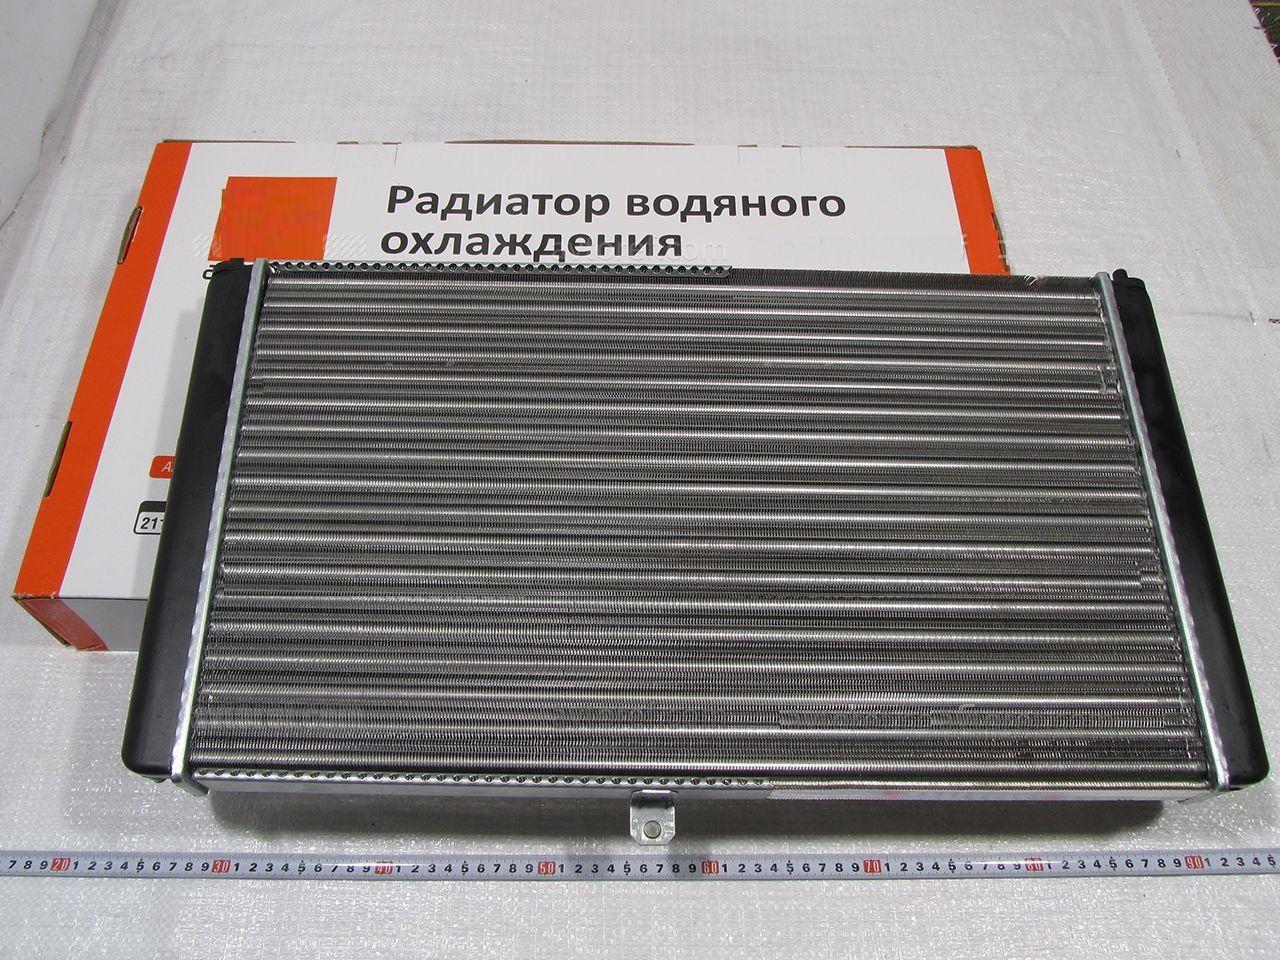 Радиатор вод. охлажд. ВАЗ 2110,-11,-12 (инж) (пр-во ДААЗ), 21120-130101210